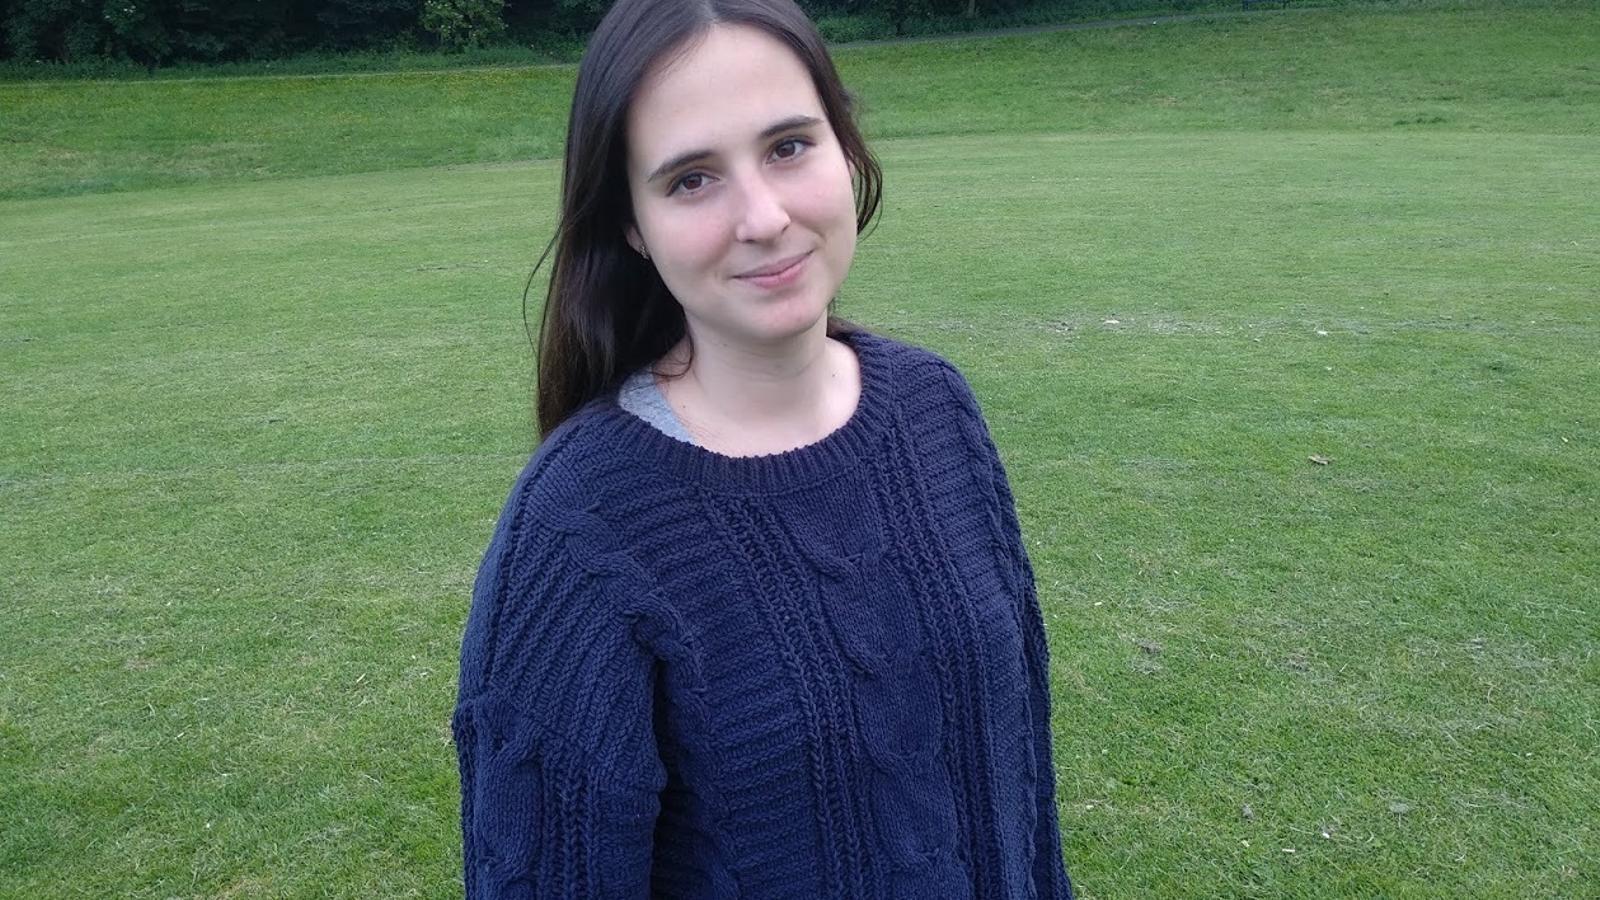 La matemàtica María Colmado ha guanyat un dels Premis d'Investigació matemàtica Vicent Caselles per haver resolt un problema que feia 20 anys que no tenia resposta